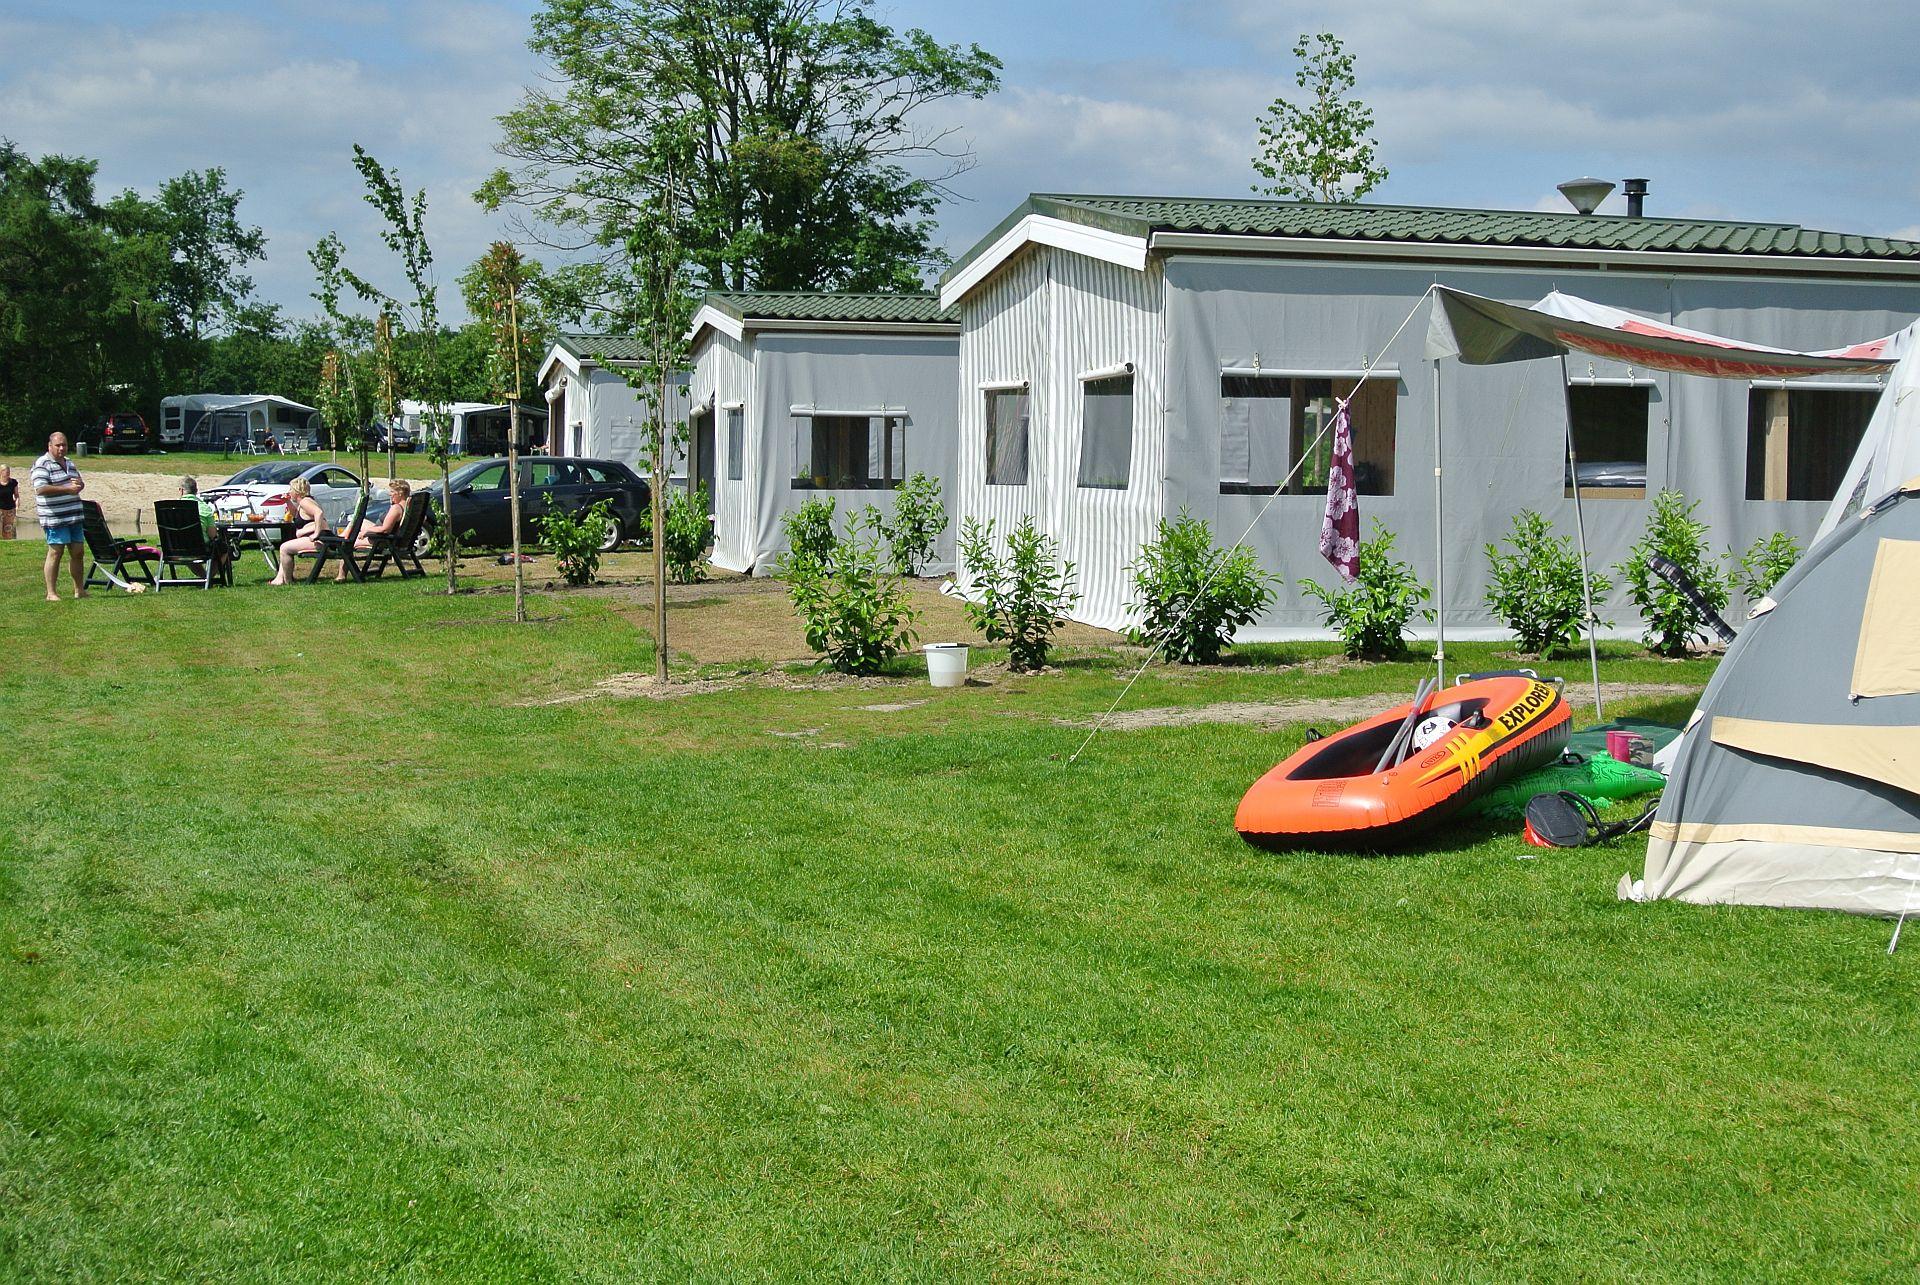 Lodgezelt, eine besondere Unterkunft direkt am Strand! - Lodgezelt Mieten